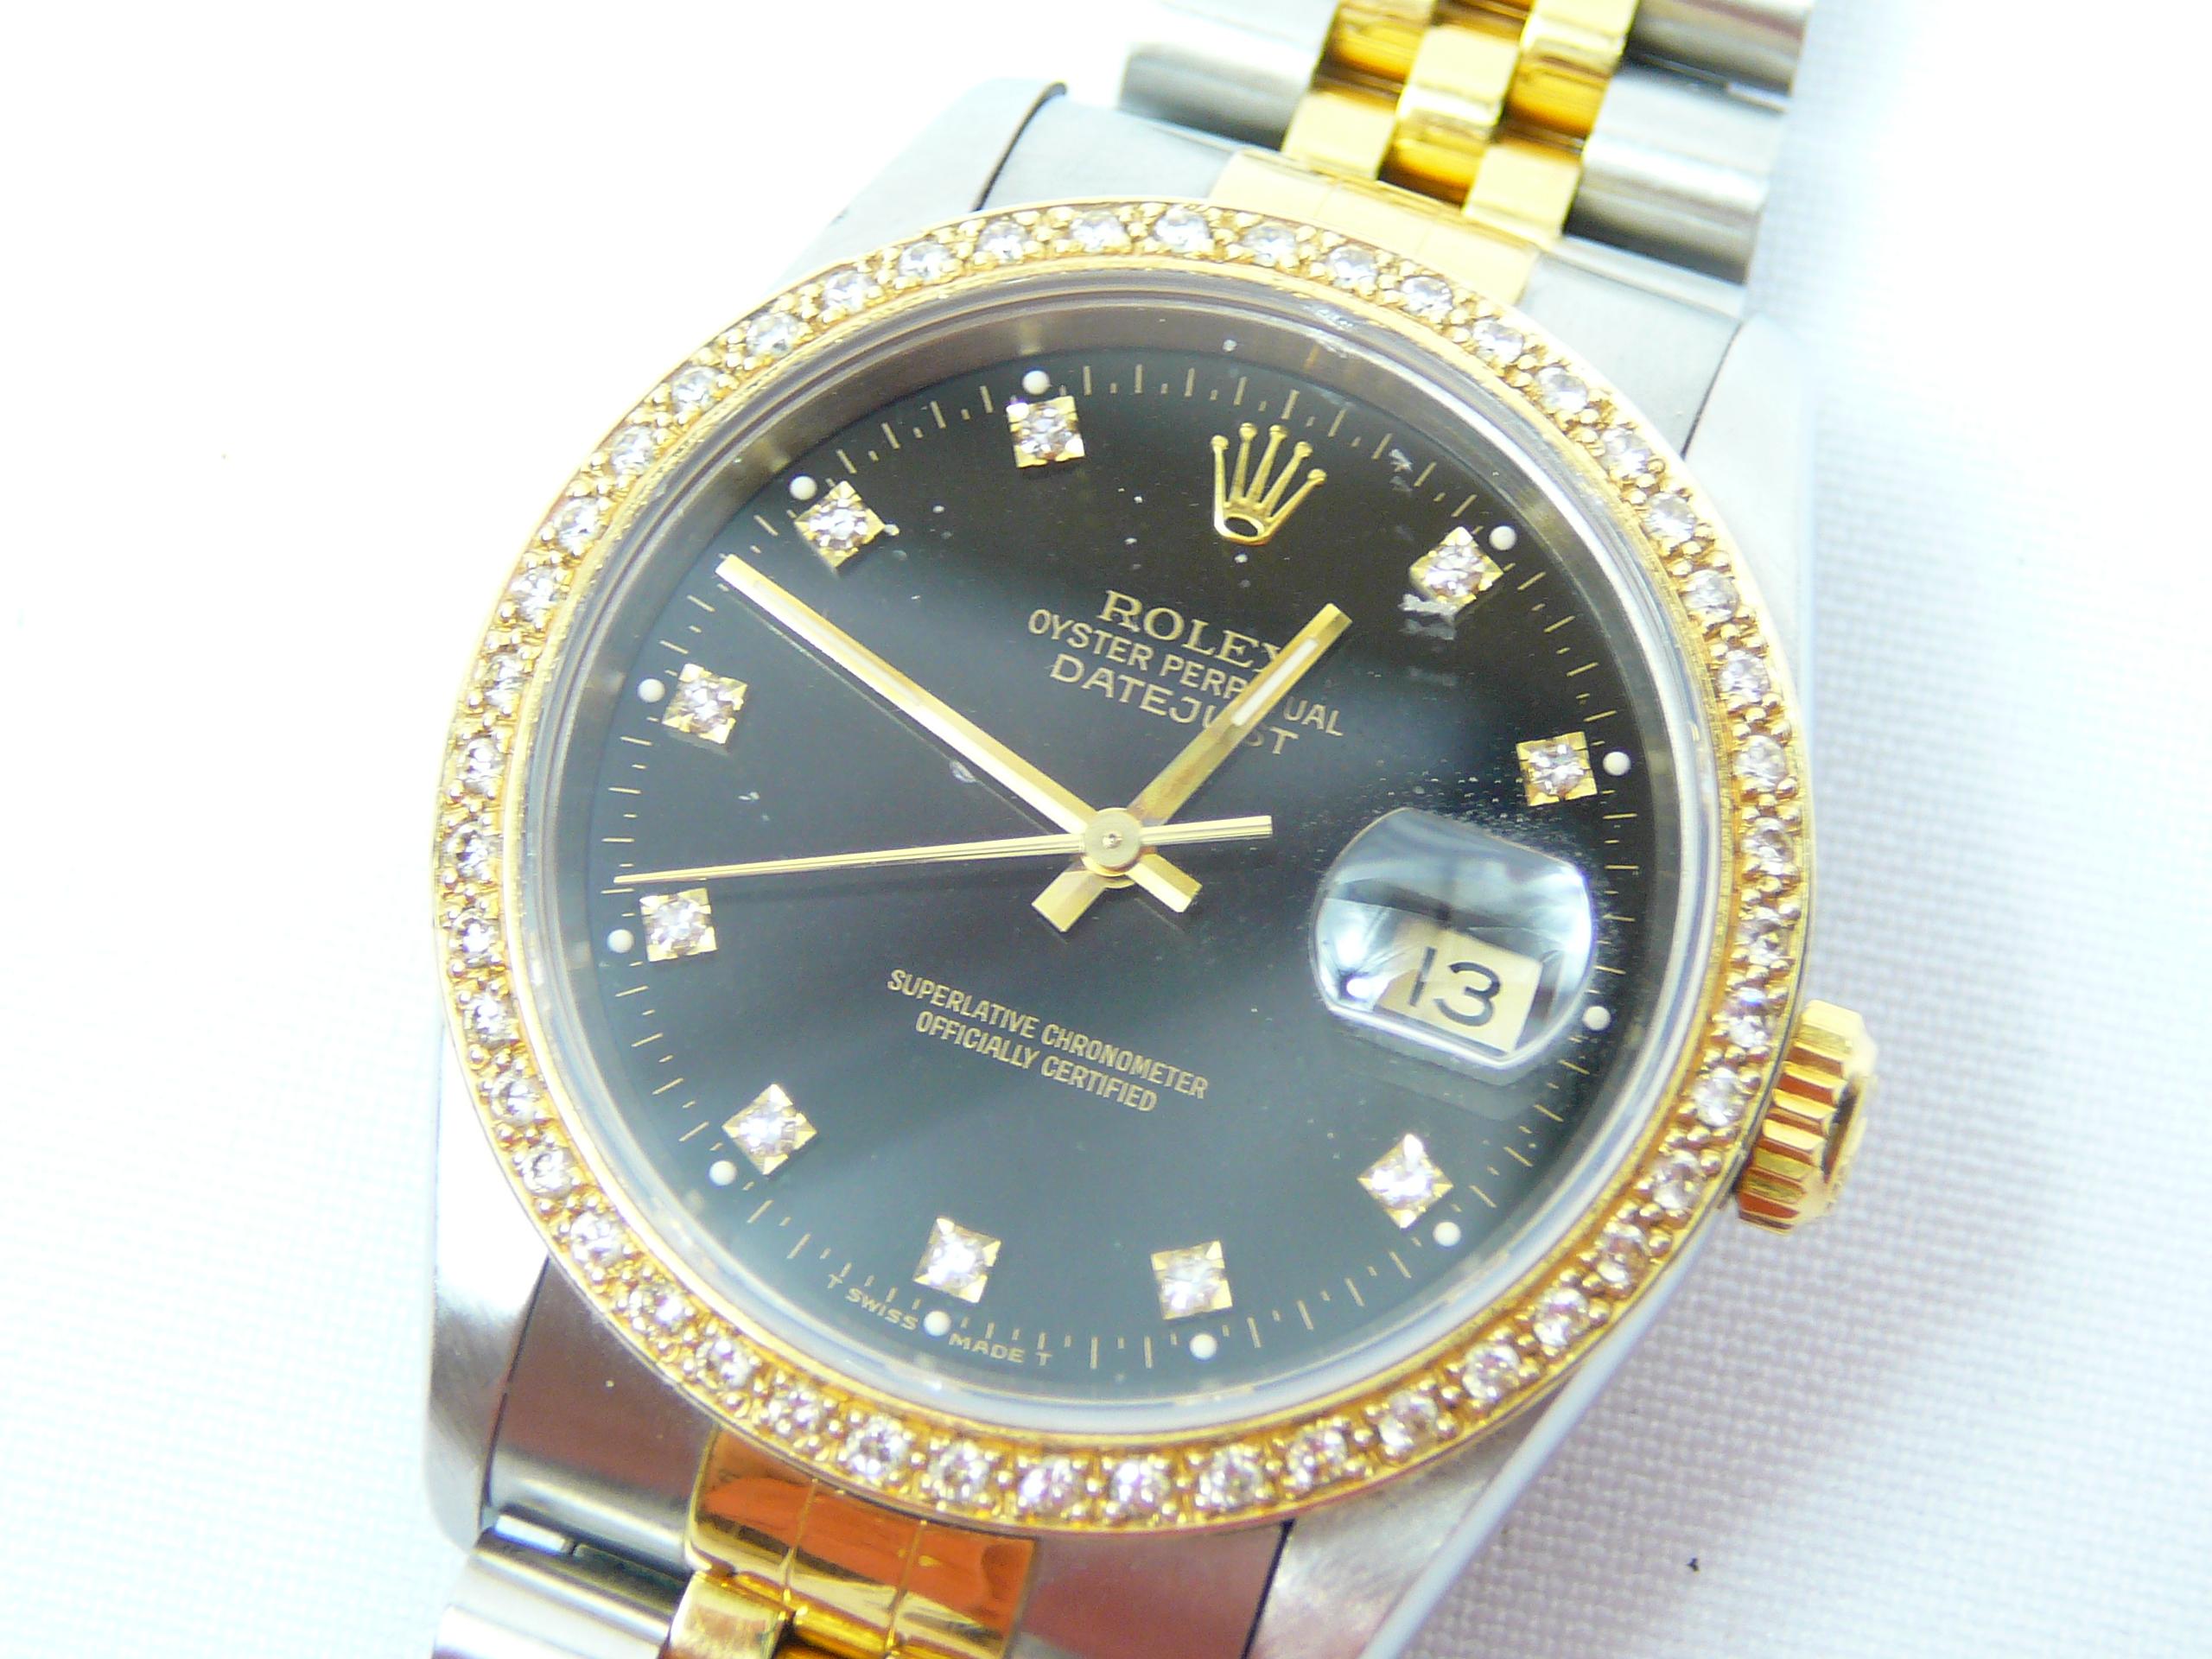 Gents Rolex Wrist Watch - Image 2 of 7